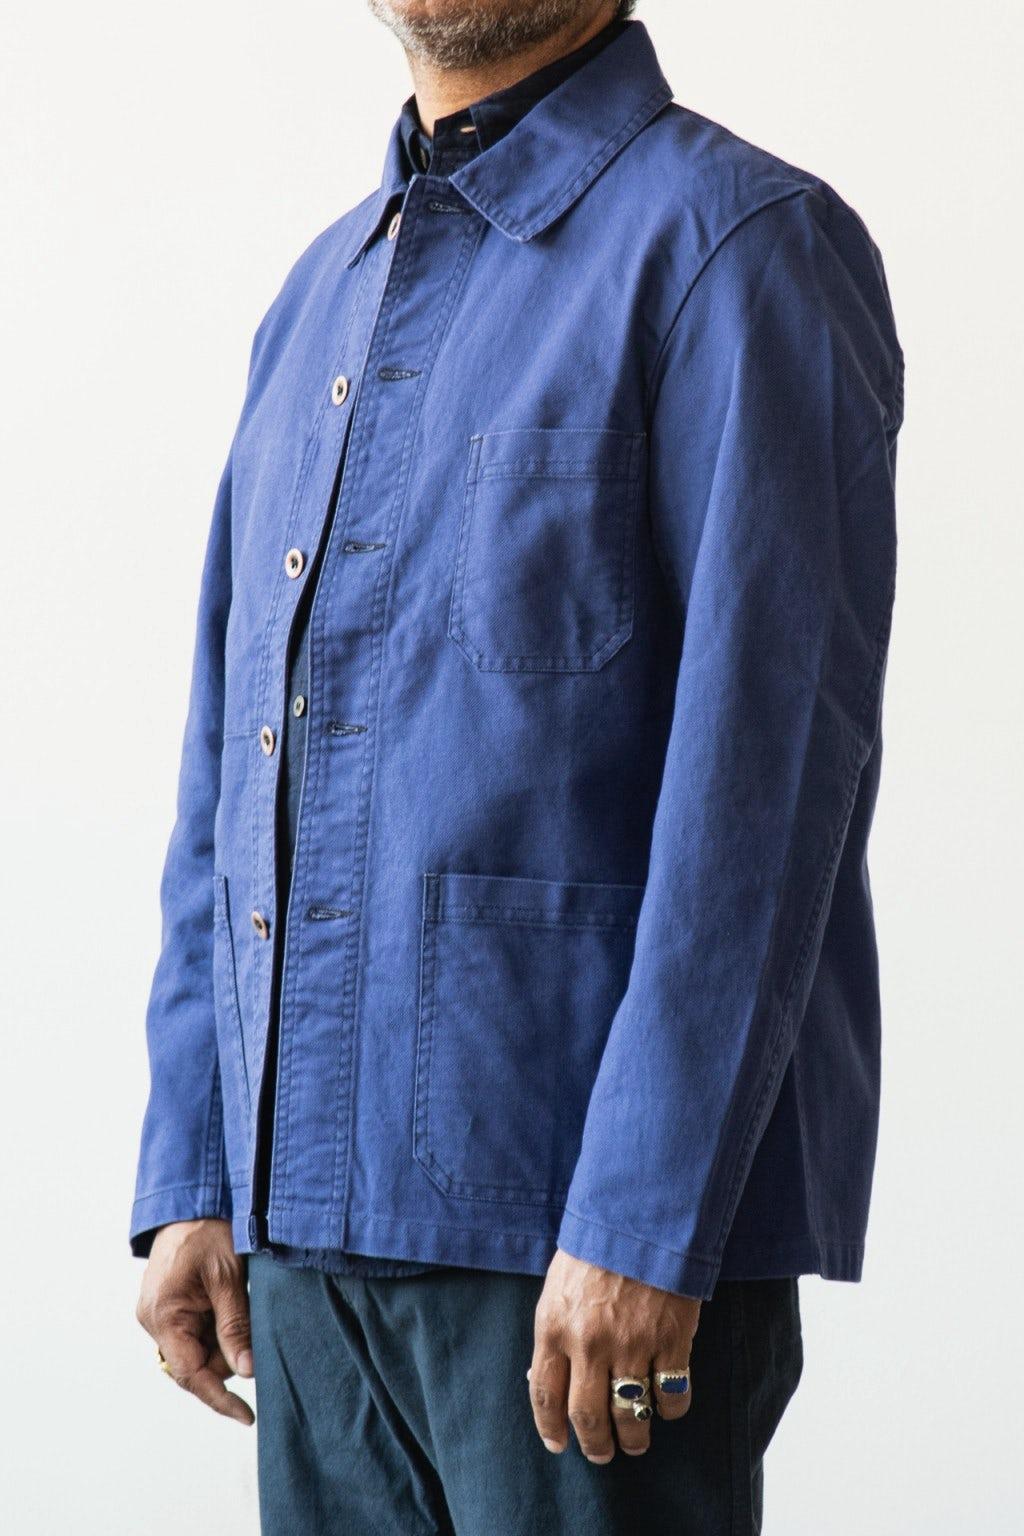 Vetra Chore Coat Hydrone Jacket